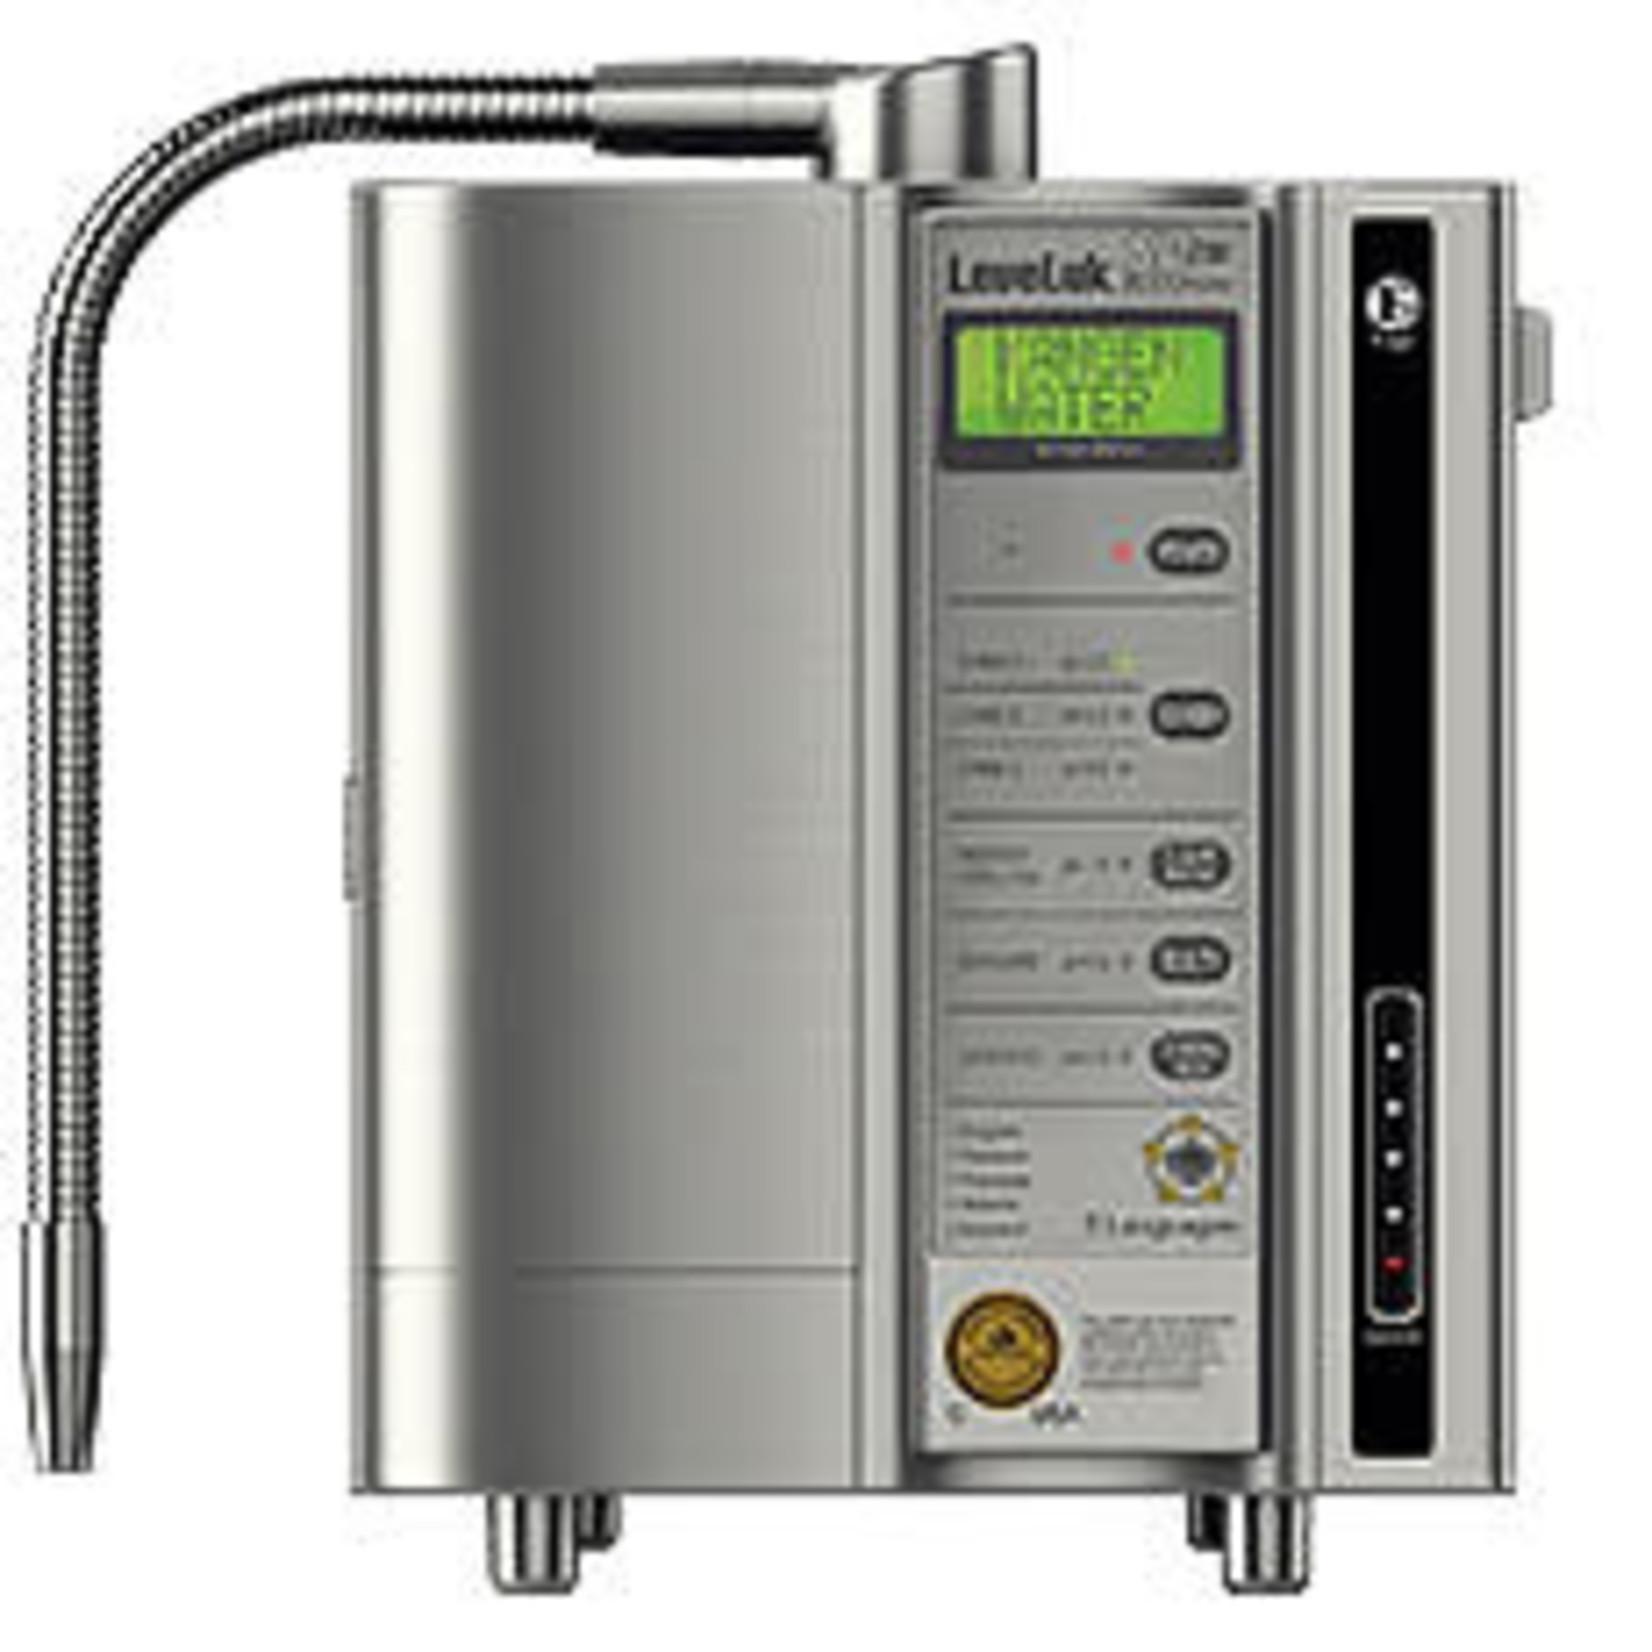 Kangen LevelLuk SD501P Platinum Model